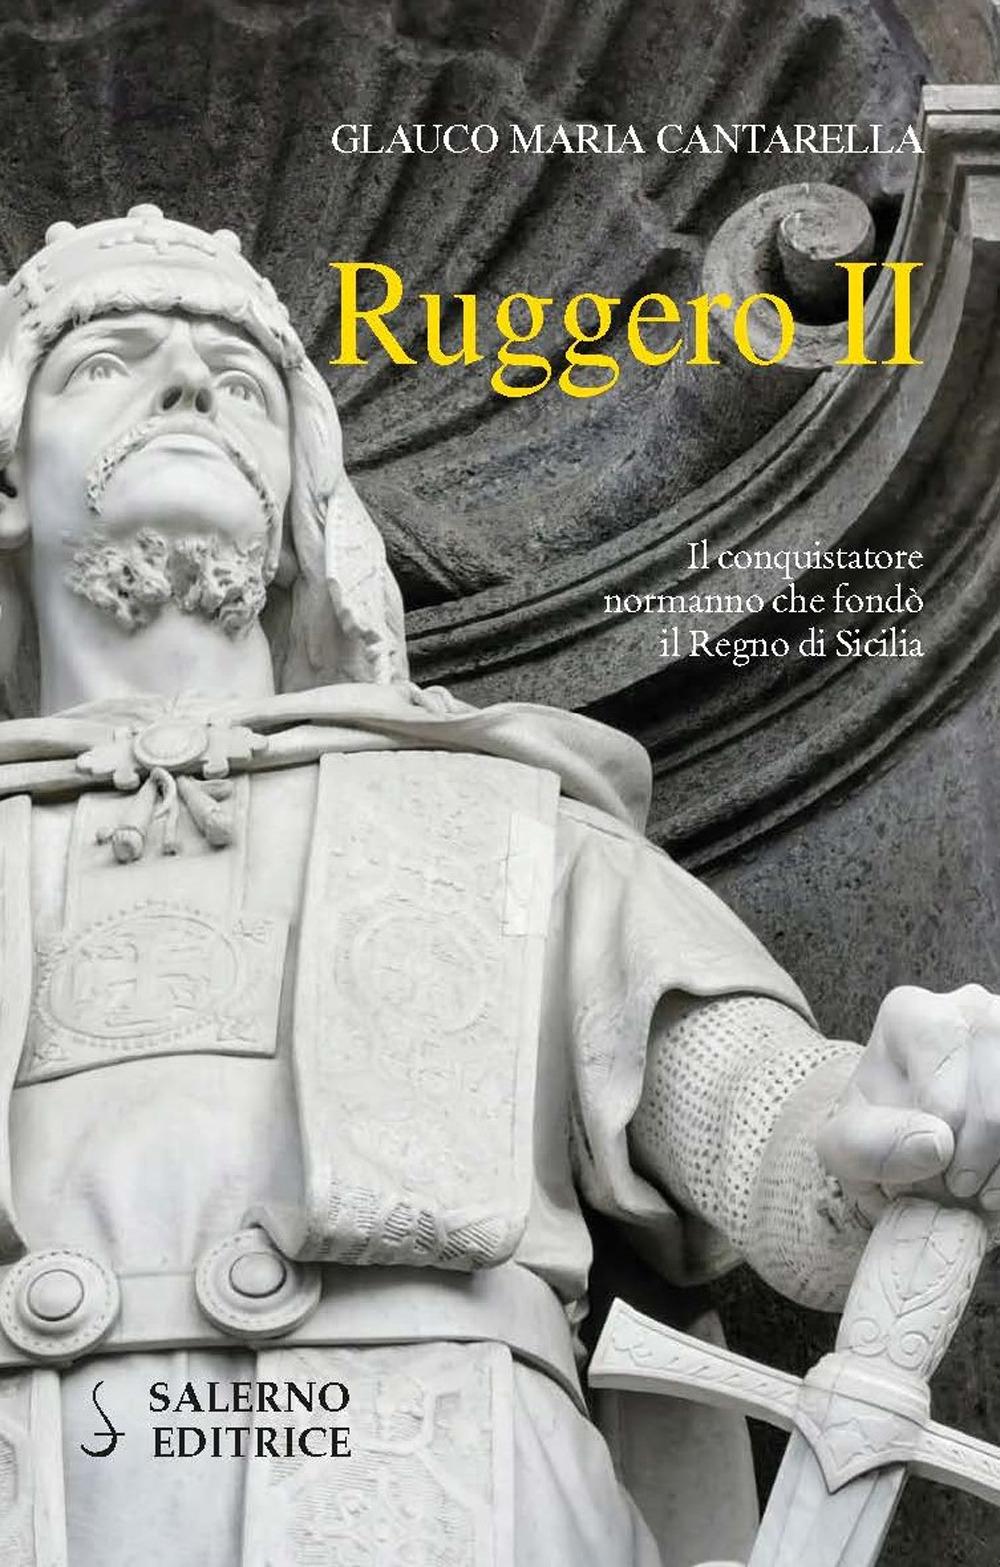 Ruggero II. Il conquistatore normanno che fondò il Regno di Sicilia